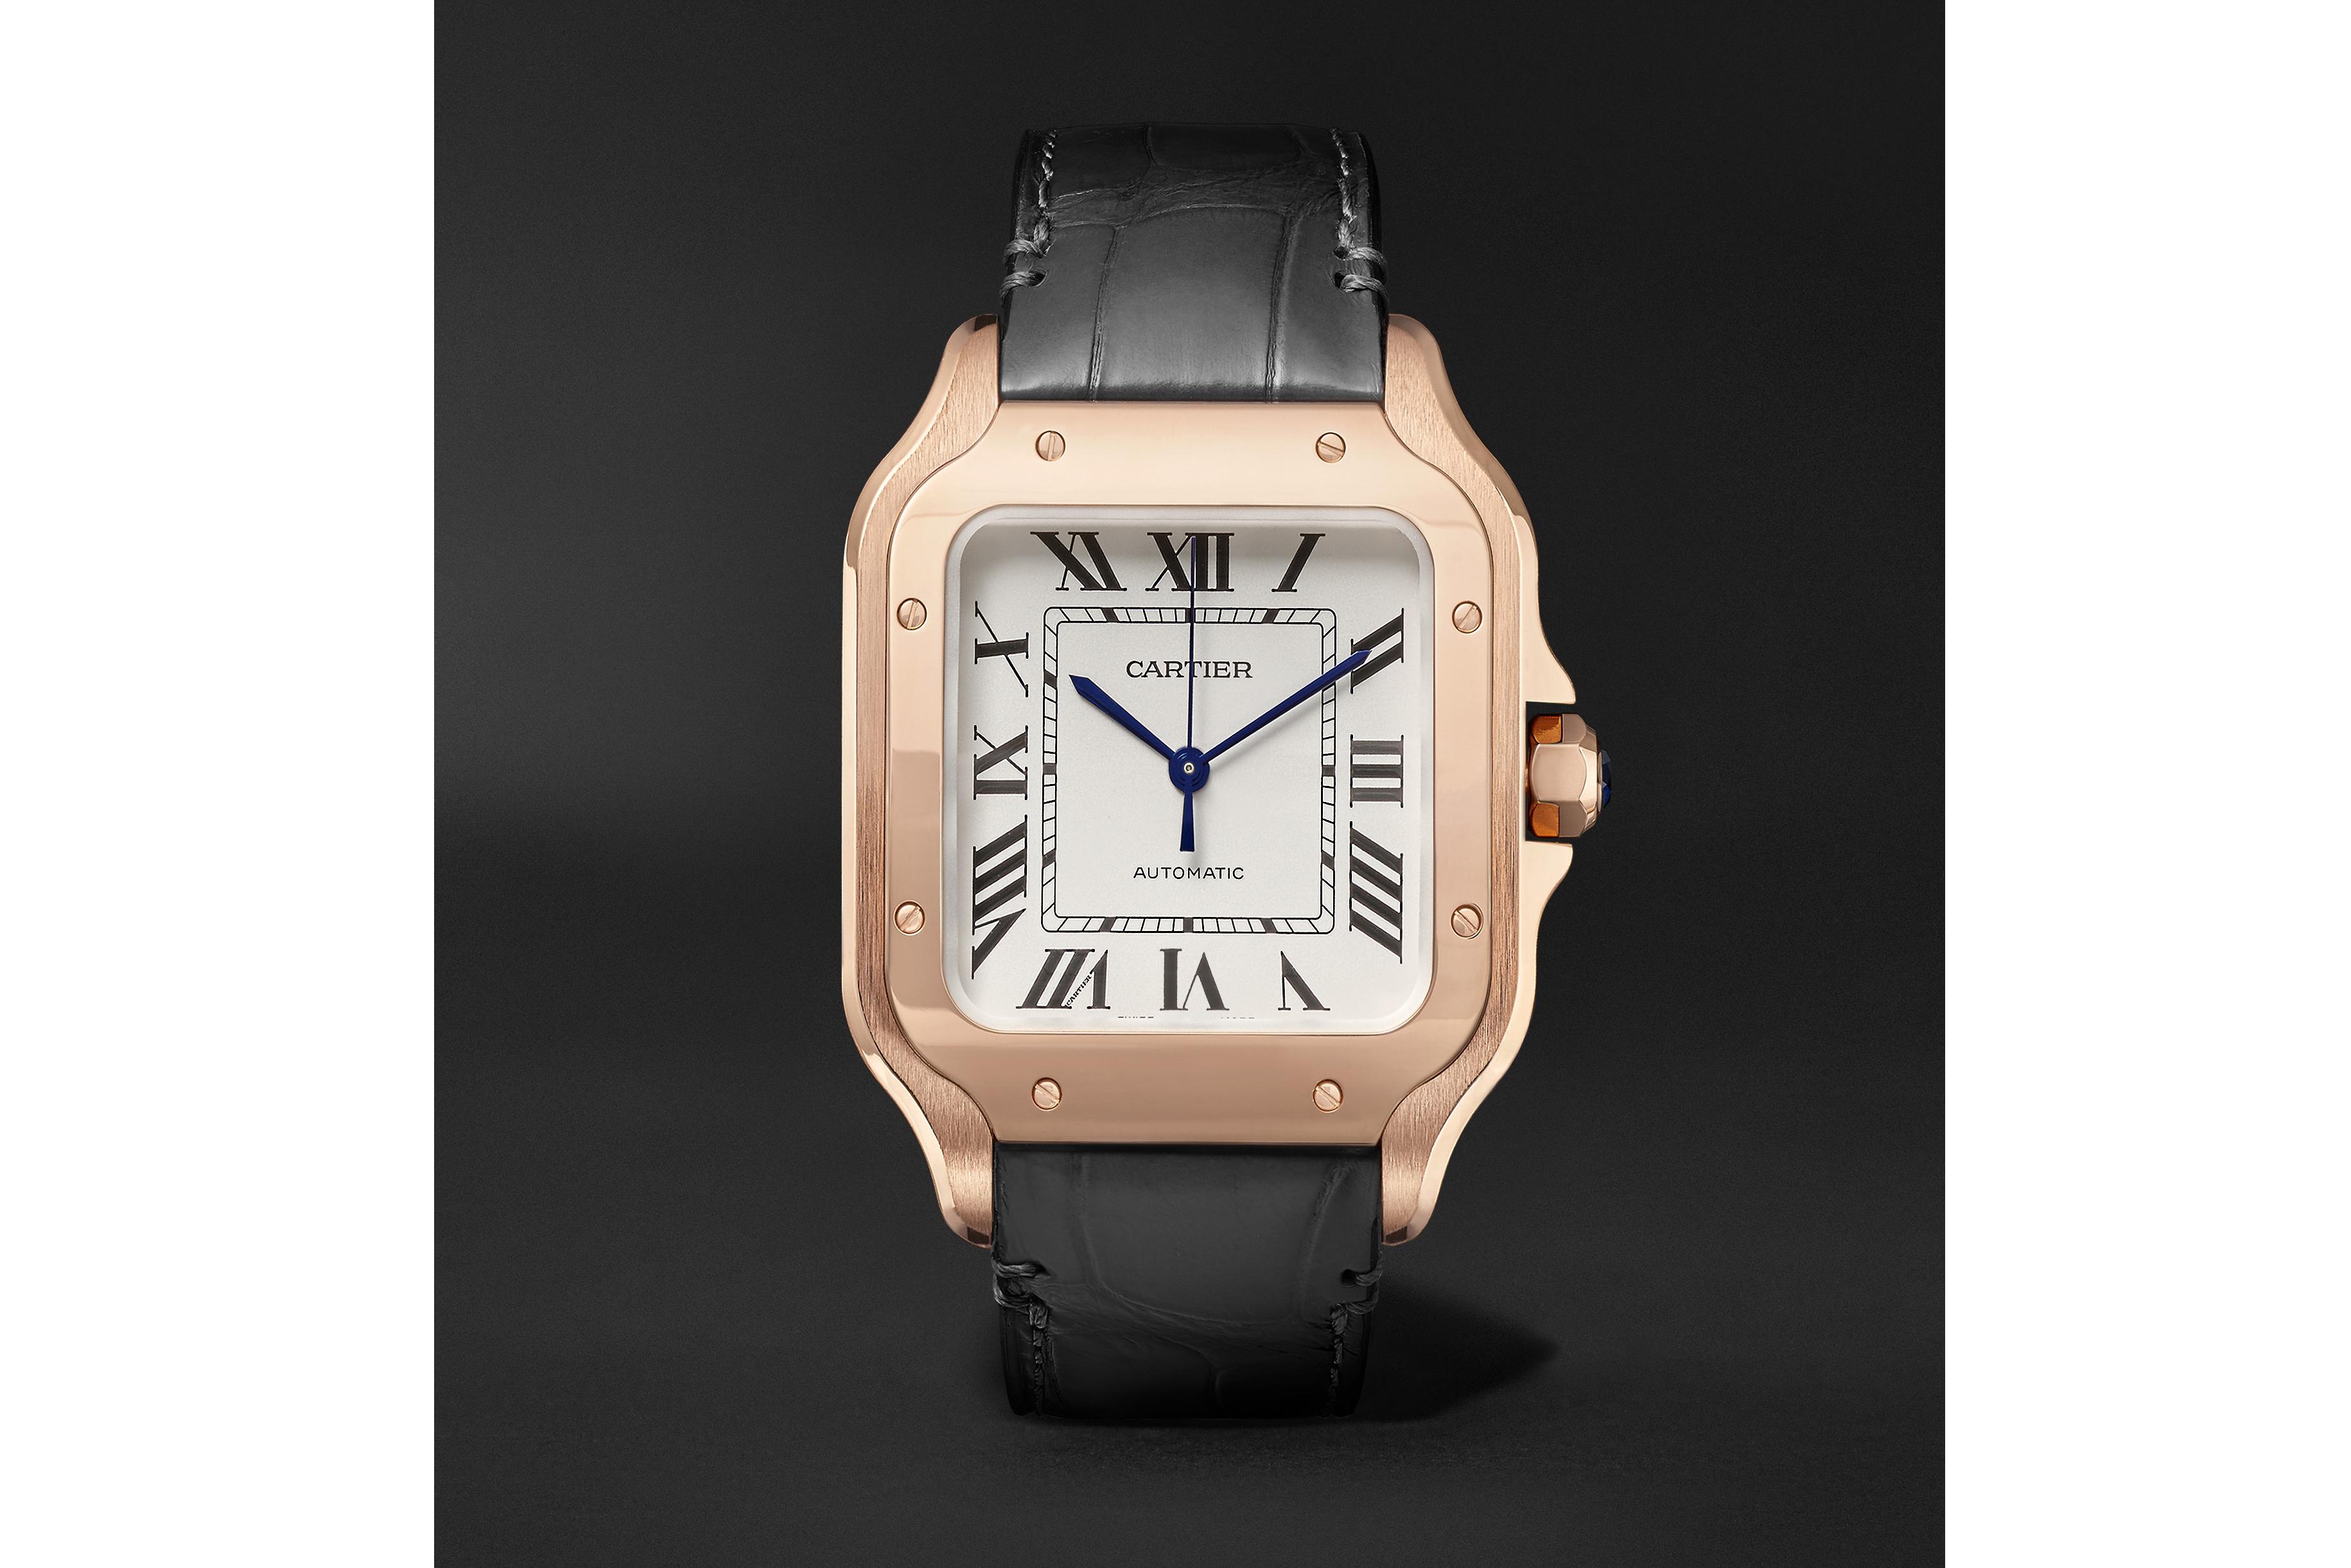 A Santos de Cartier watch launching on Mr Porter